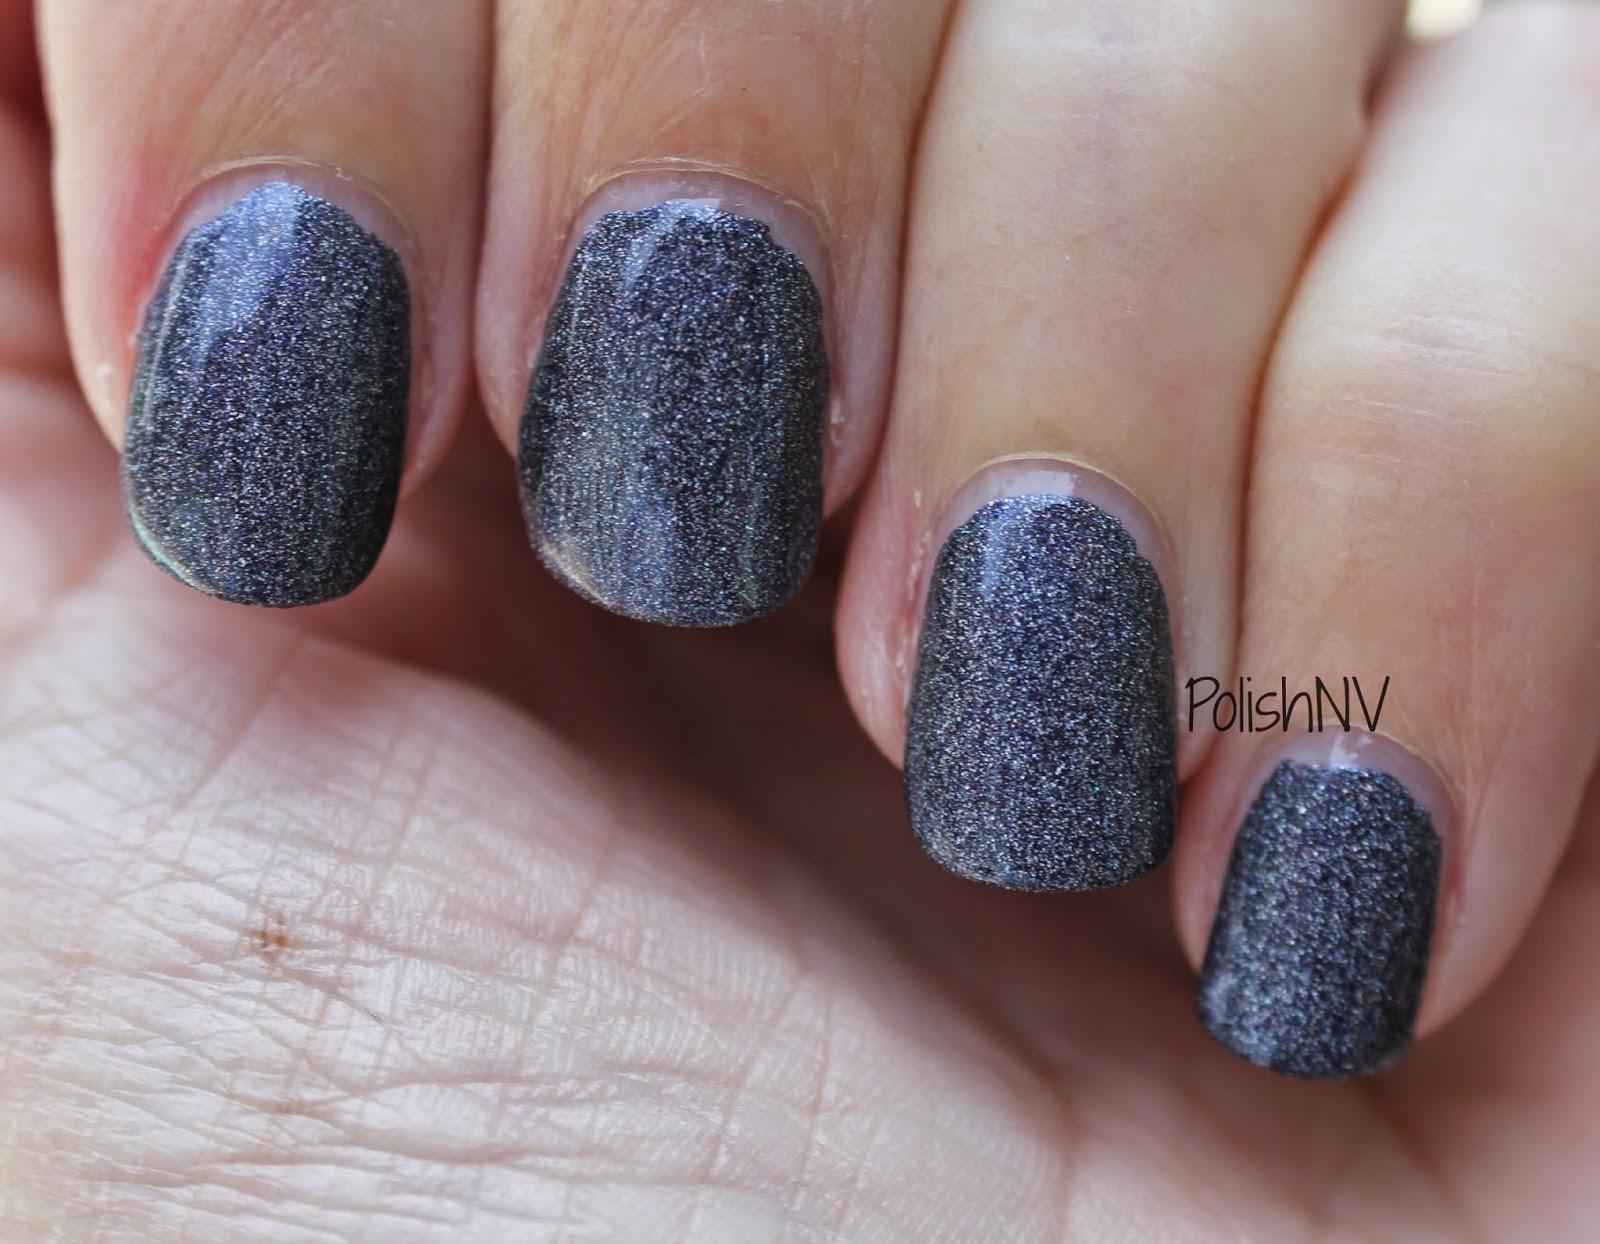 mentality nail polish